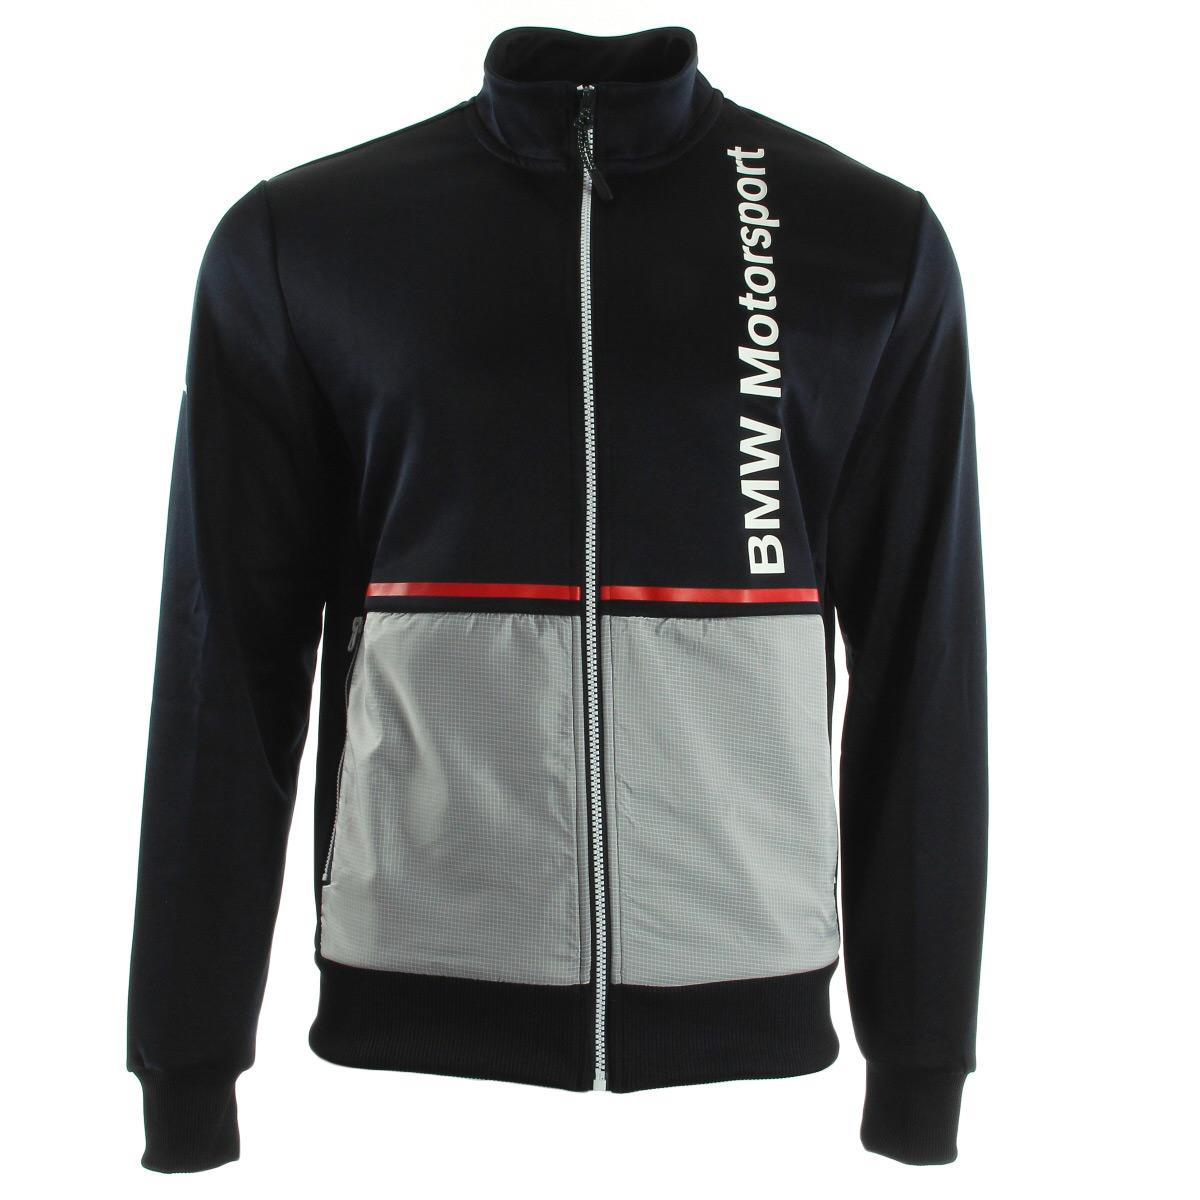 puma bmw track jacket team blue 76186801 vestes sport homme. Black Bedroom Furniture Sets. Home Design Ideas